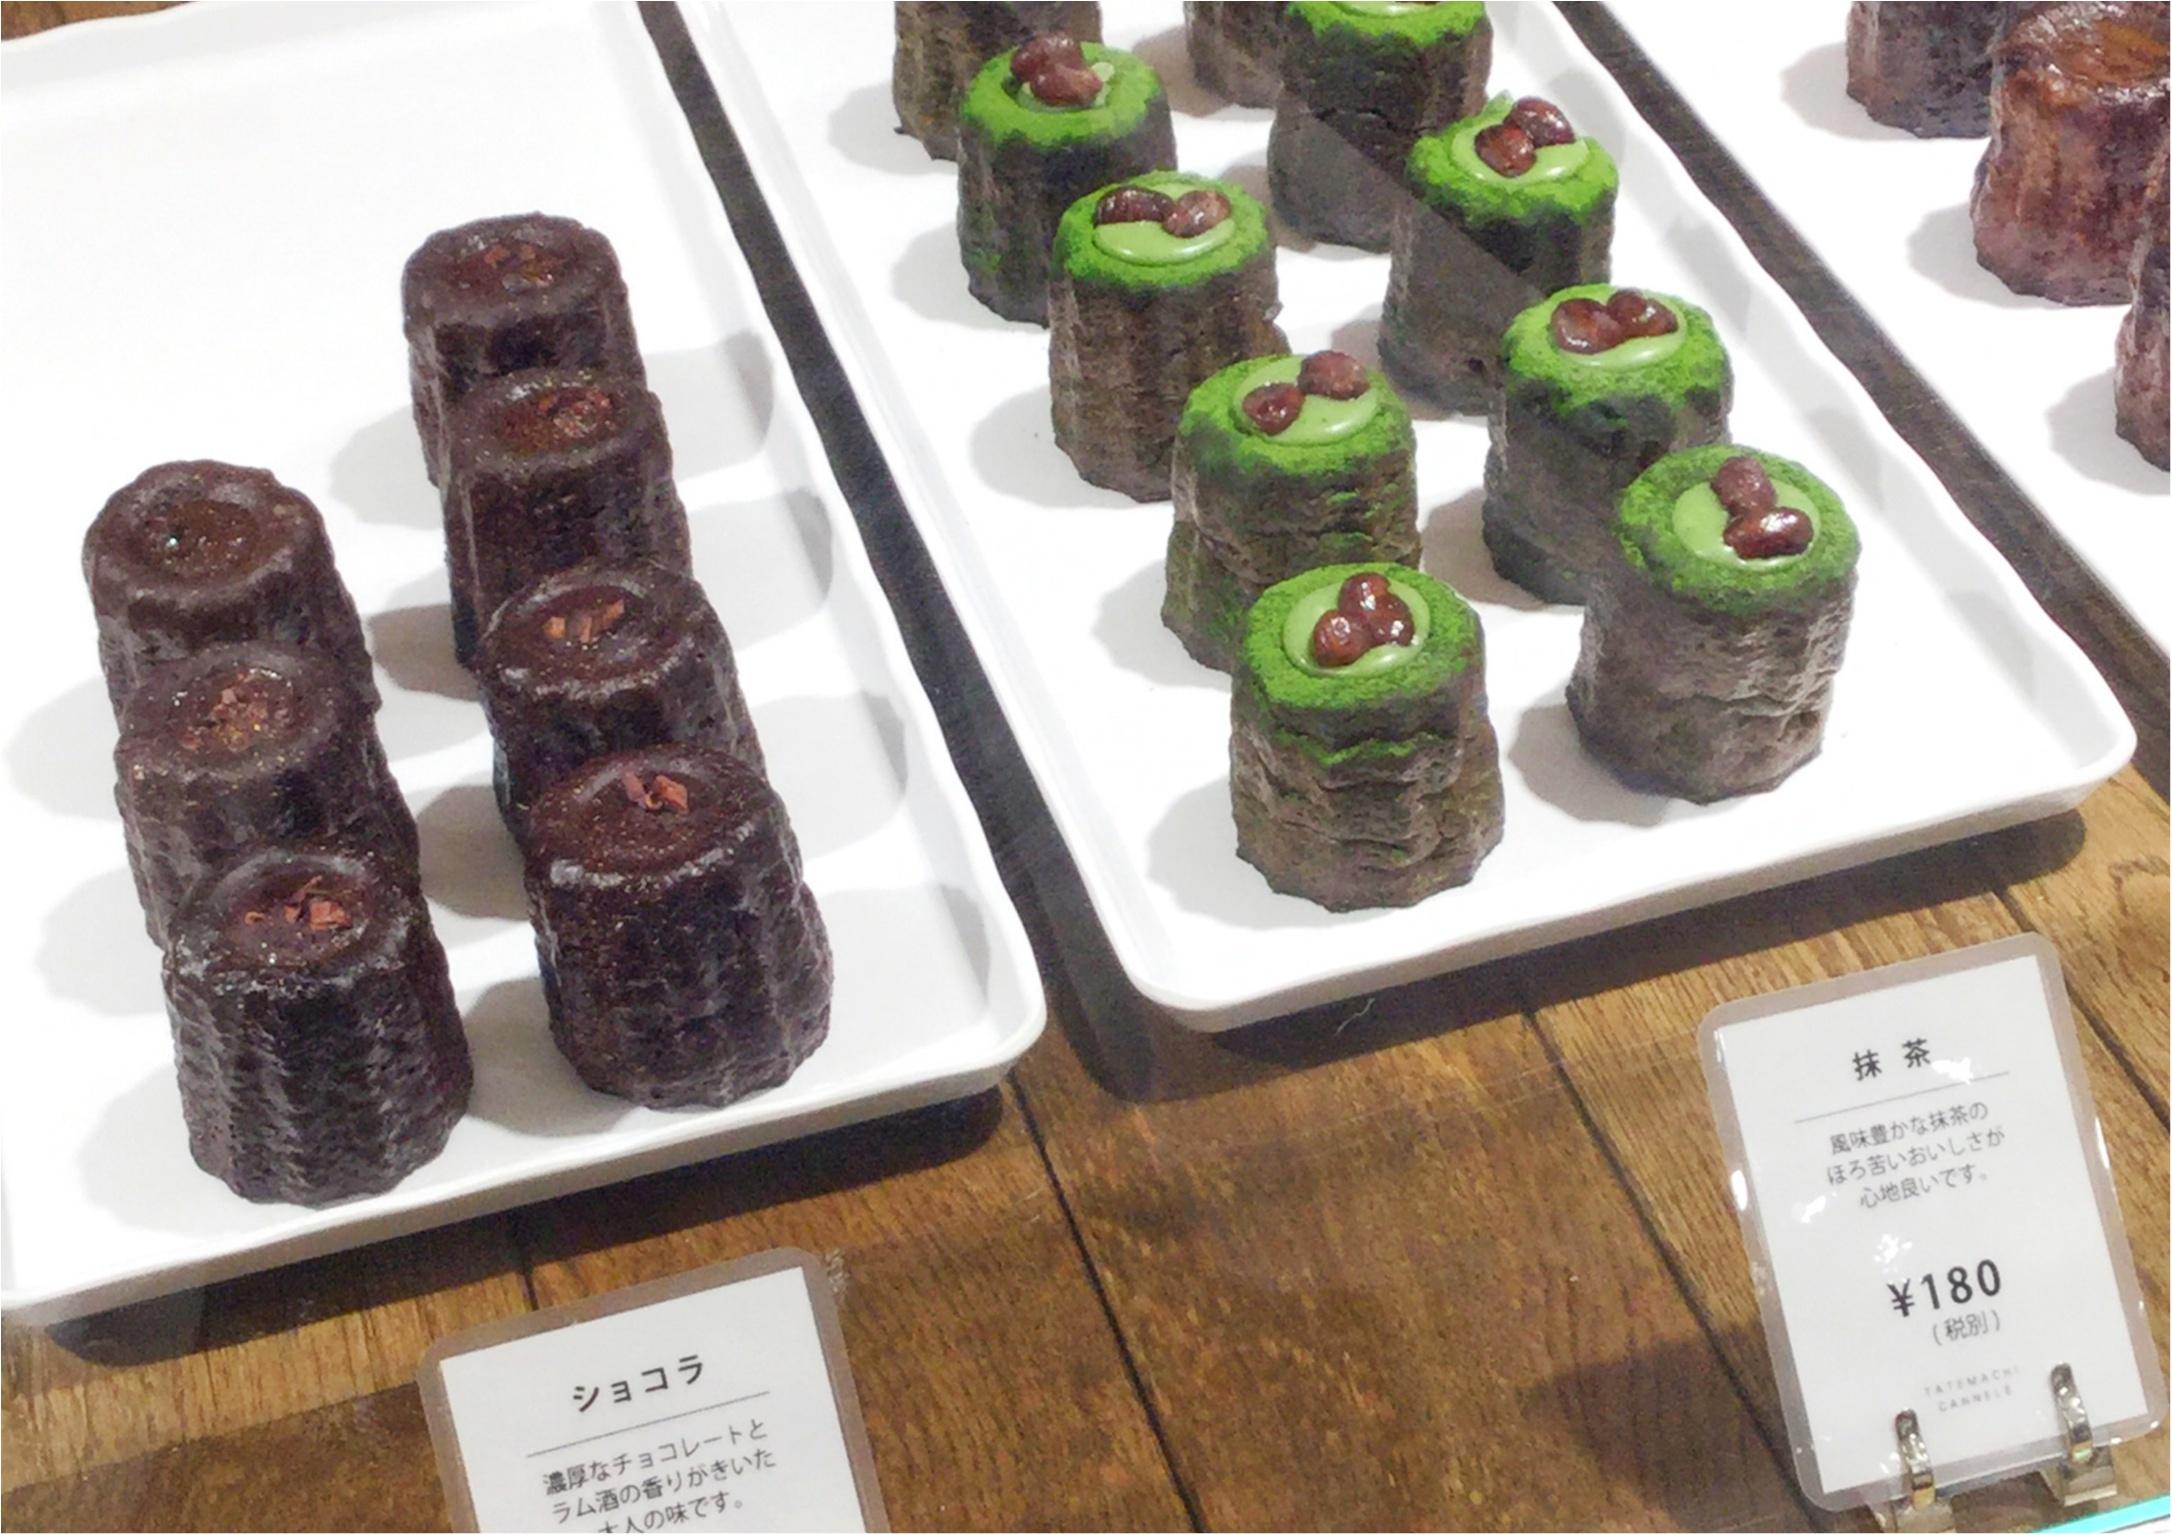 広島のおしゃれなお土産特集《2019年》- 人気の定番土産から話題のチョコ、スタバの限定タンブラーも!_41